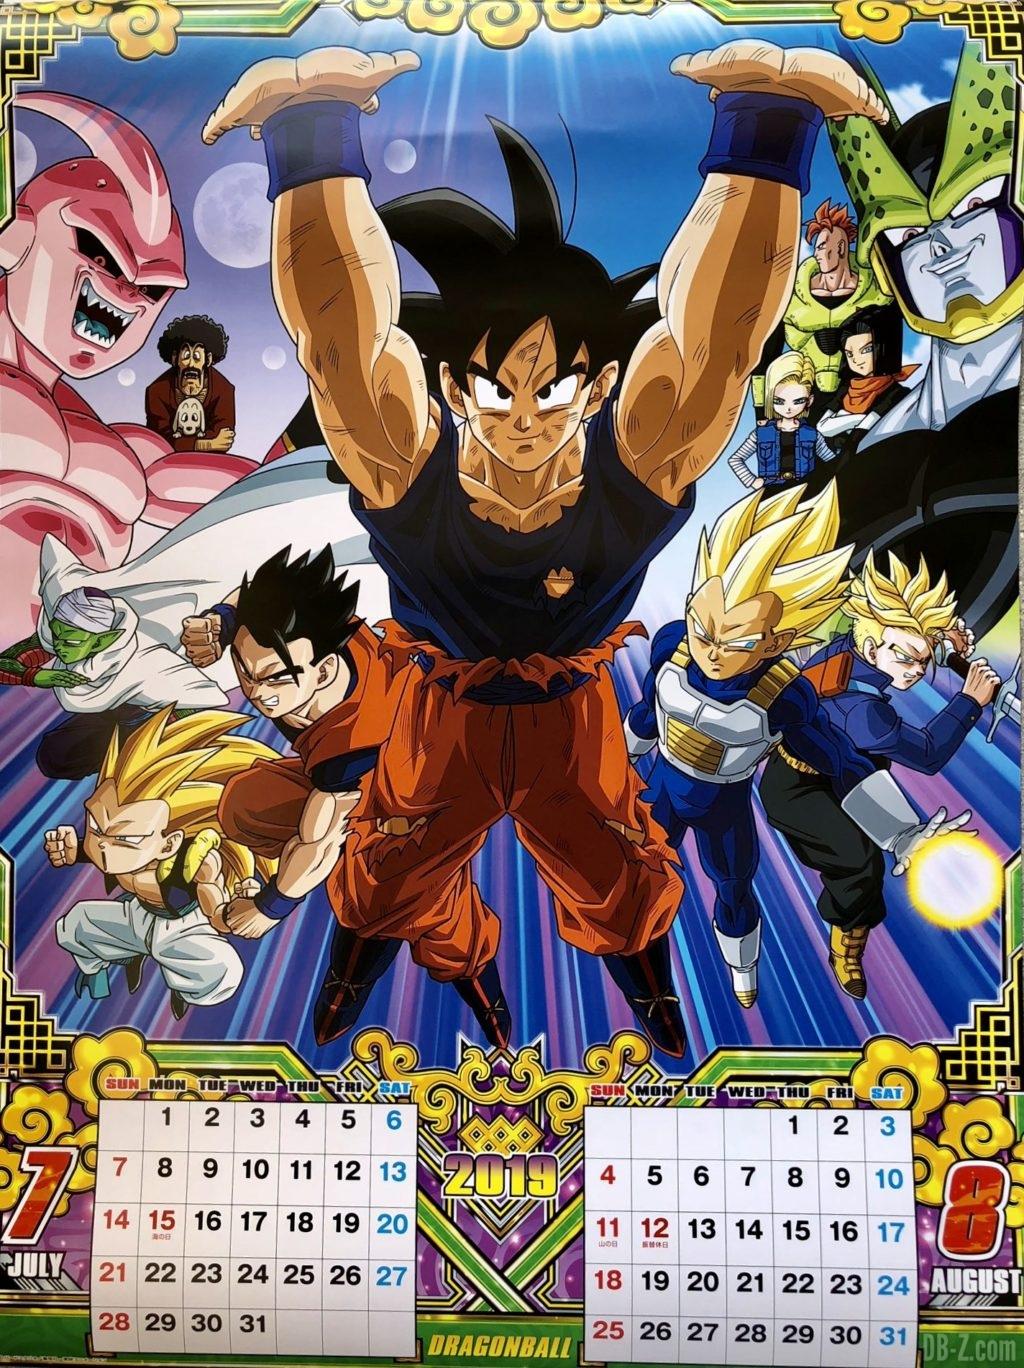 Calendrier Dragon Ball 2019 Japon - Juillet Août